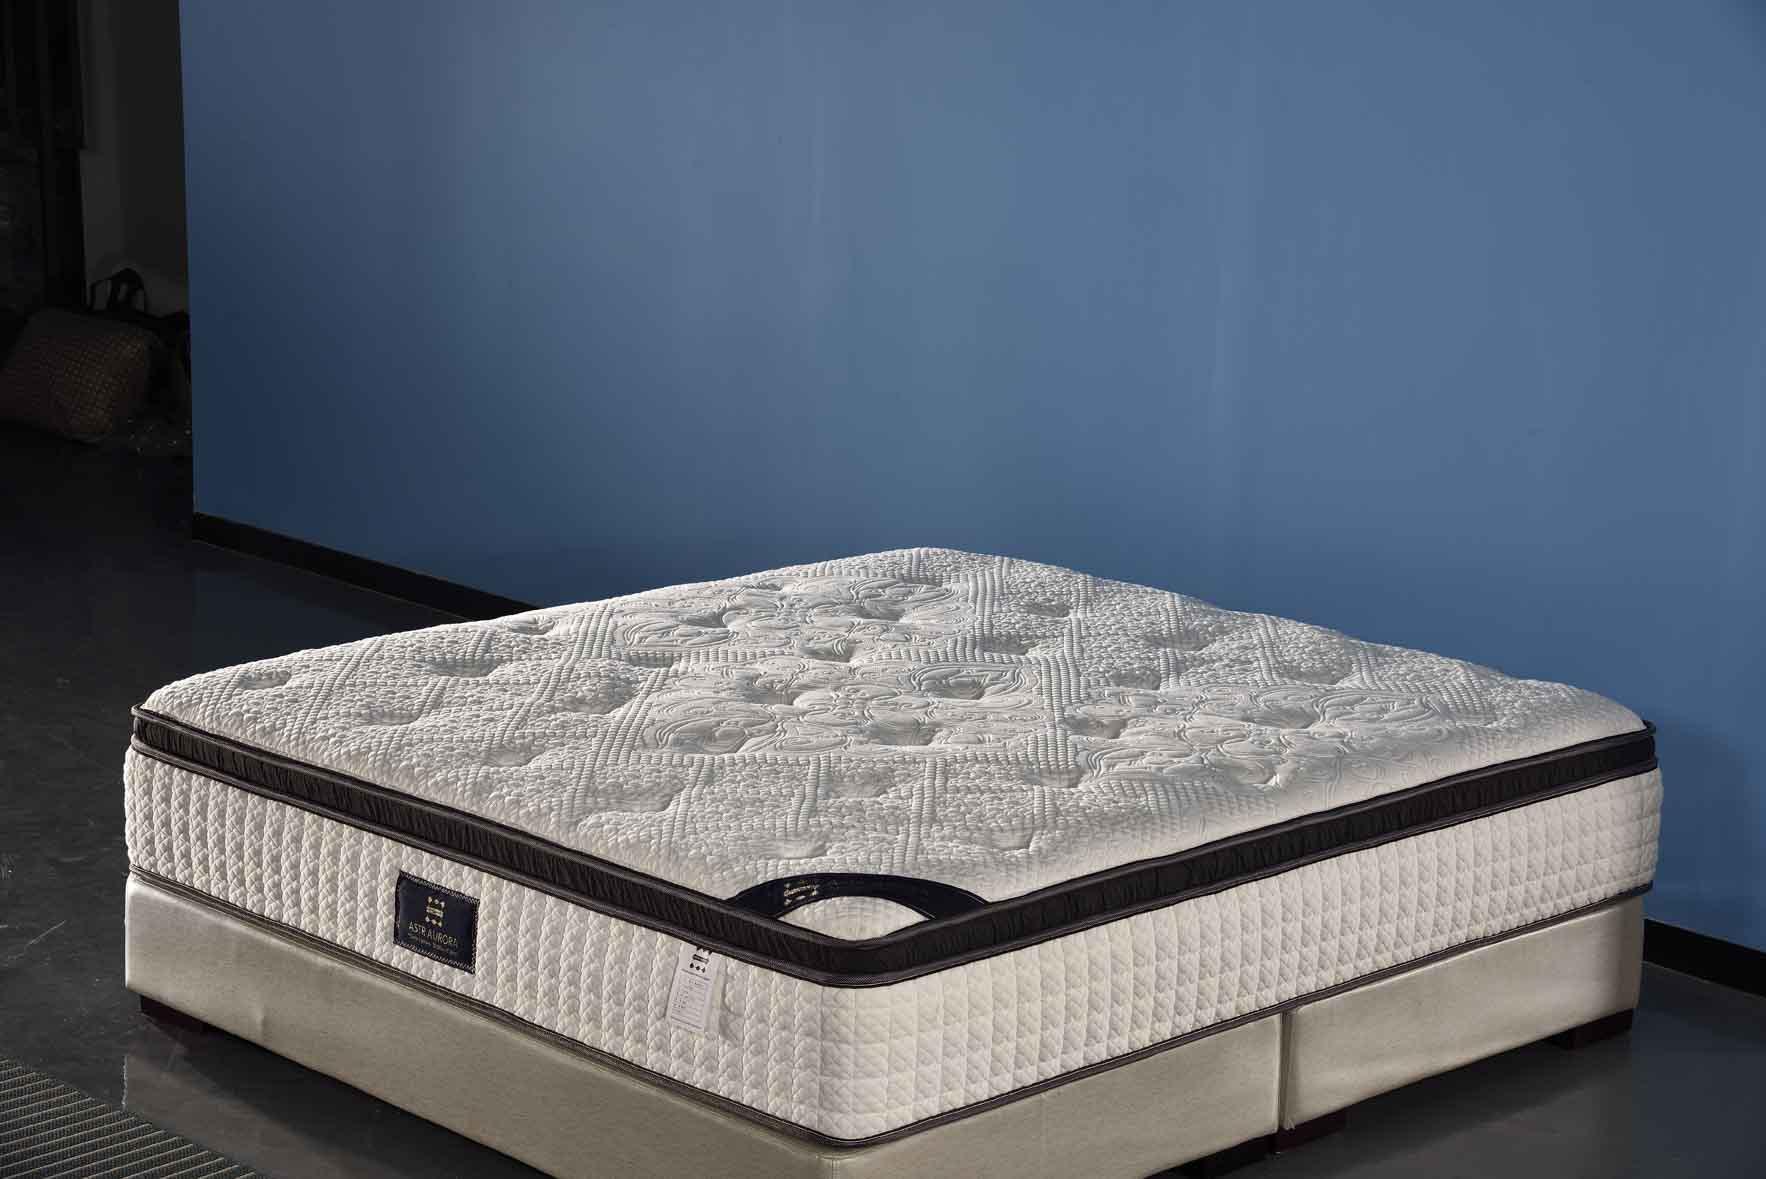 家庭弹簧床垫高品质的选择 信息推荐 苏州星夜家居科技供应